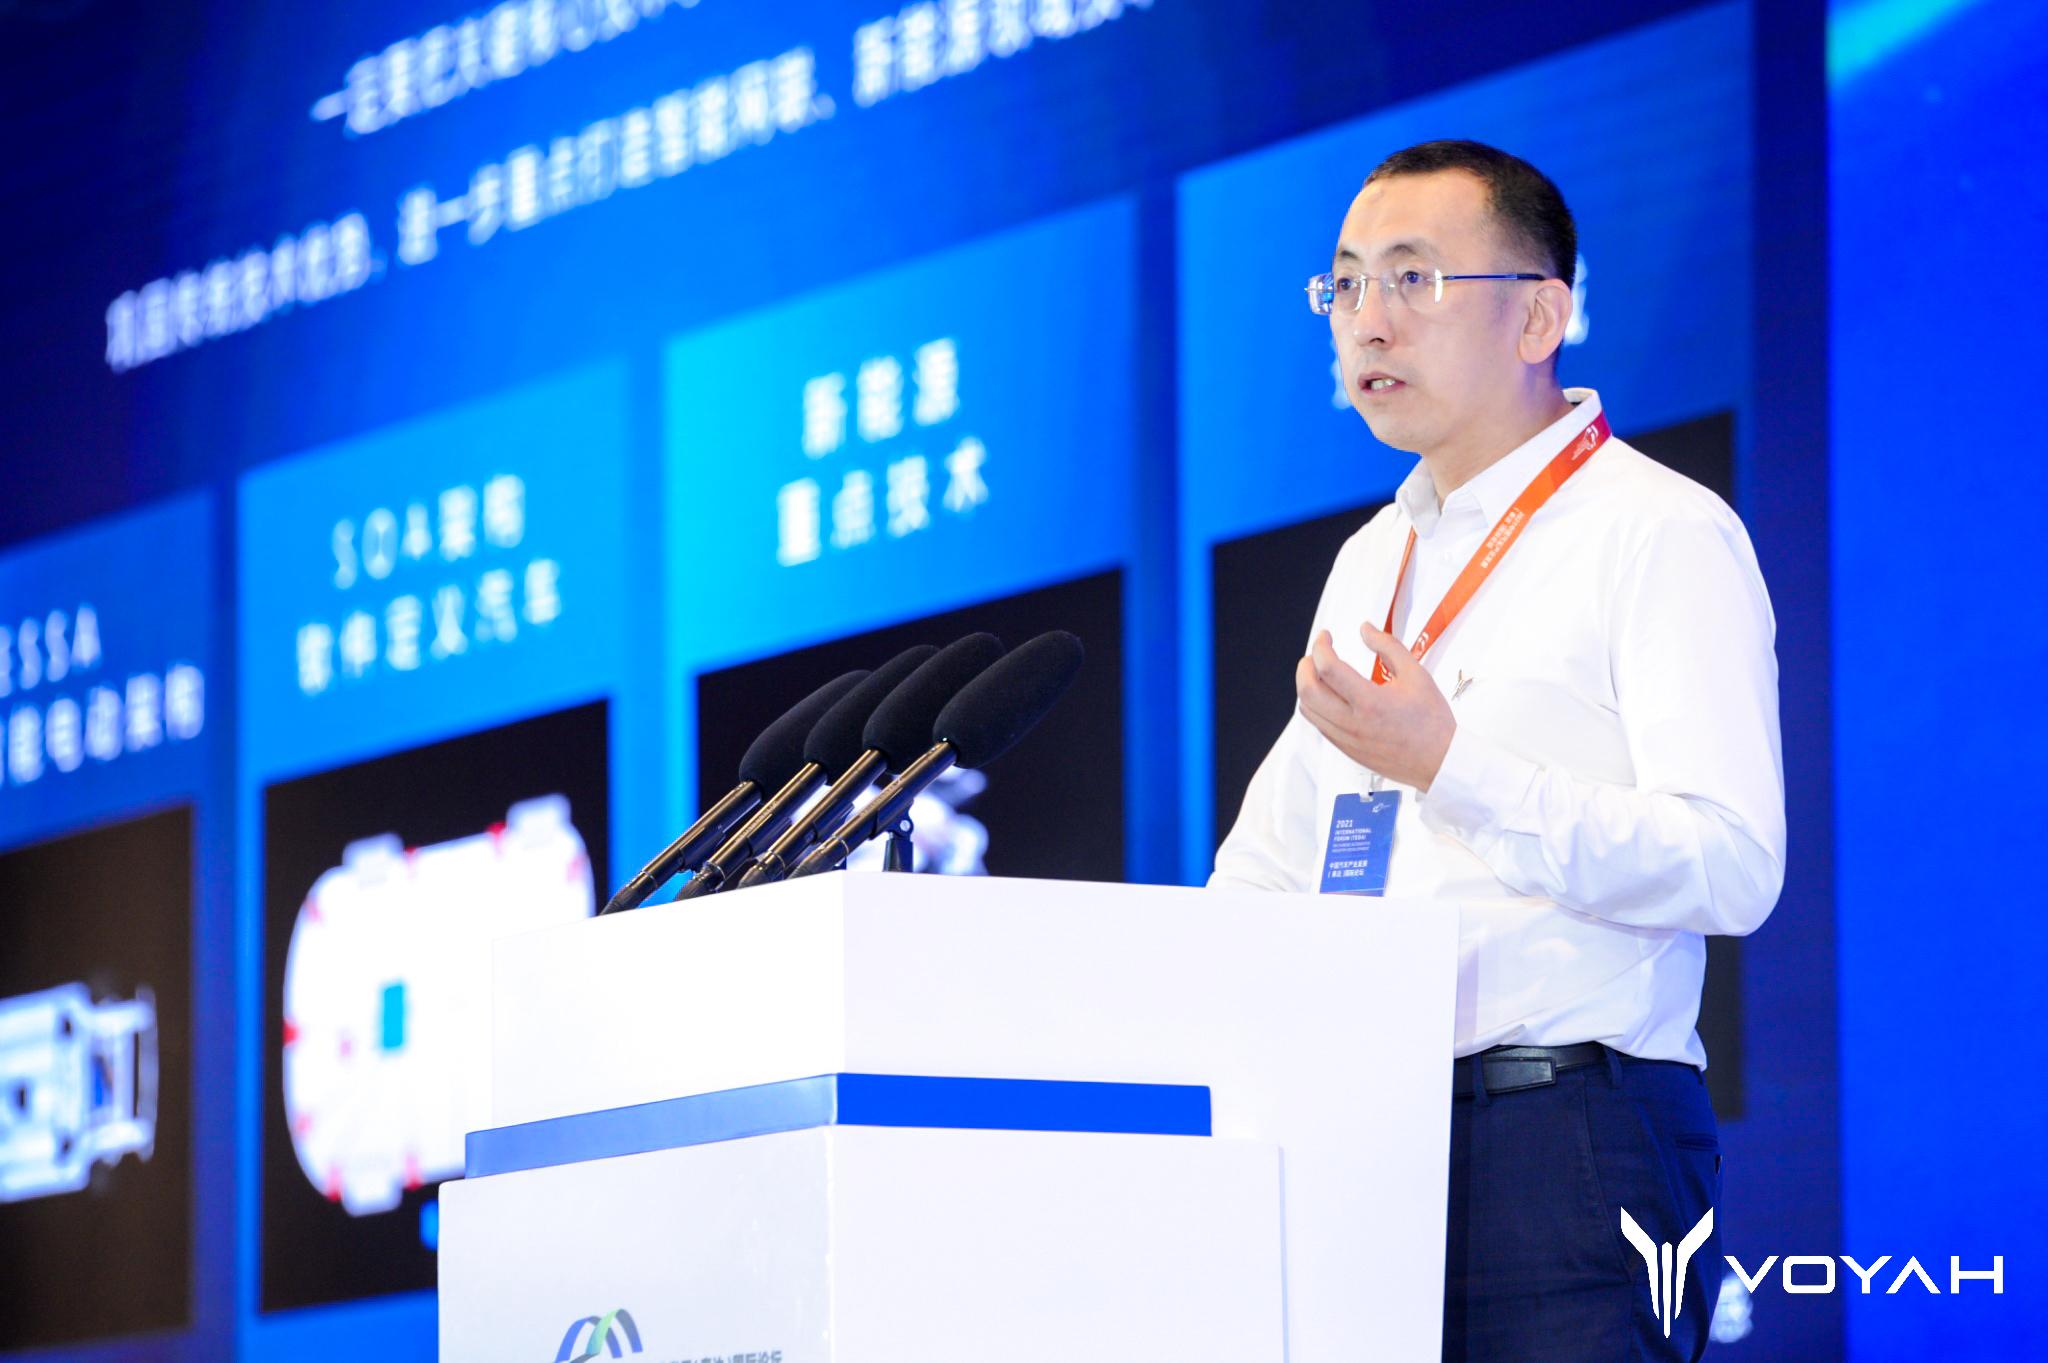 岚图汽车CEO卢放:岚图的创新和中国汽车的机会